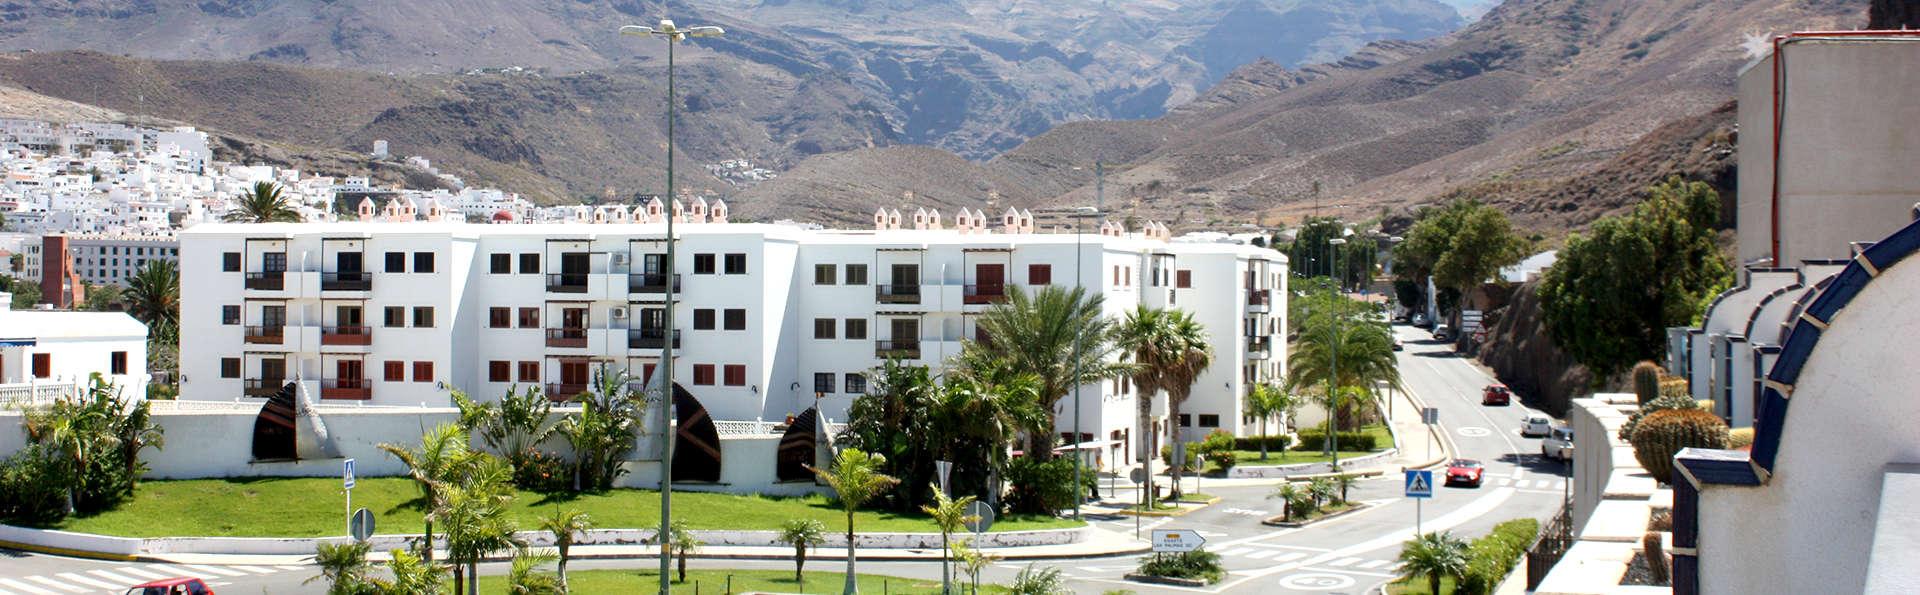 Hotel Puerto de las Nieves - Edit_Front.jpg